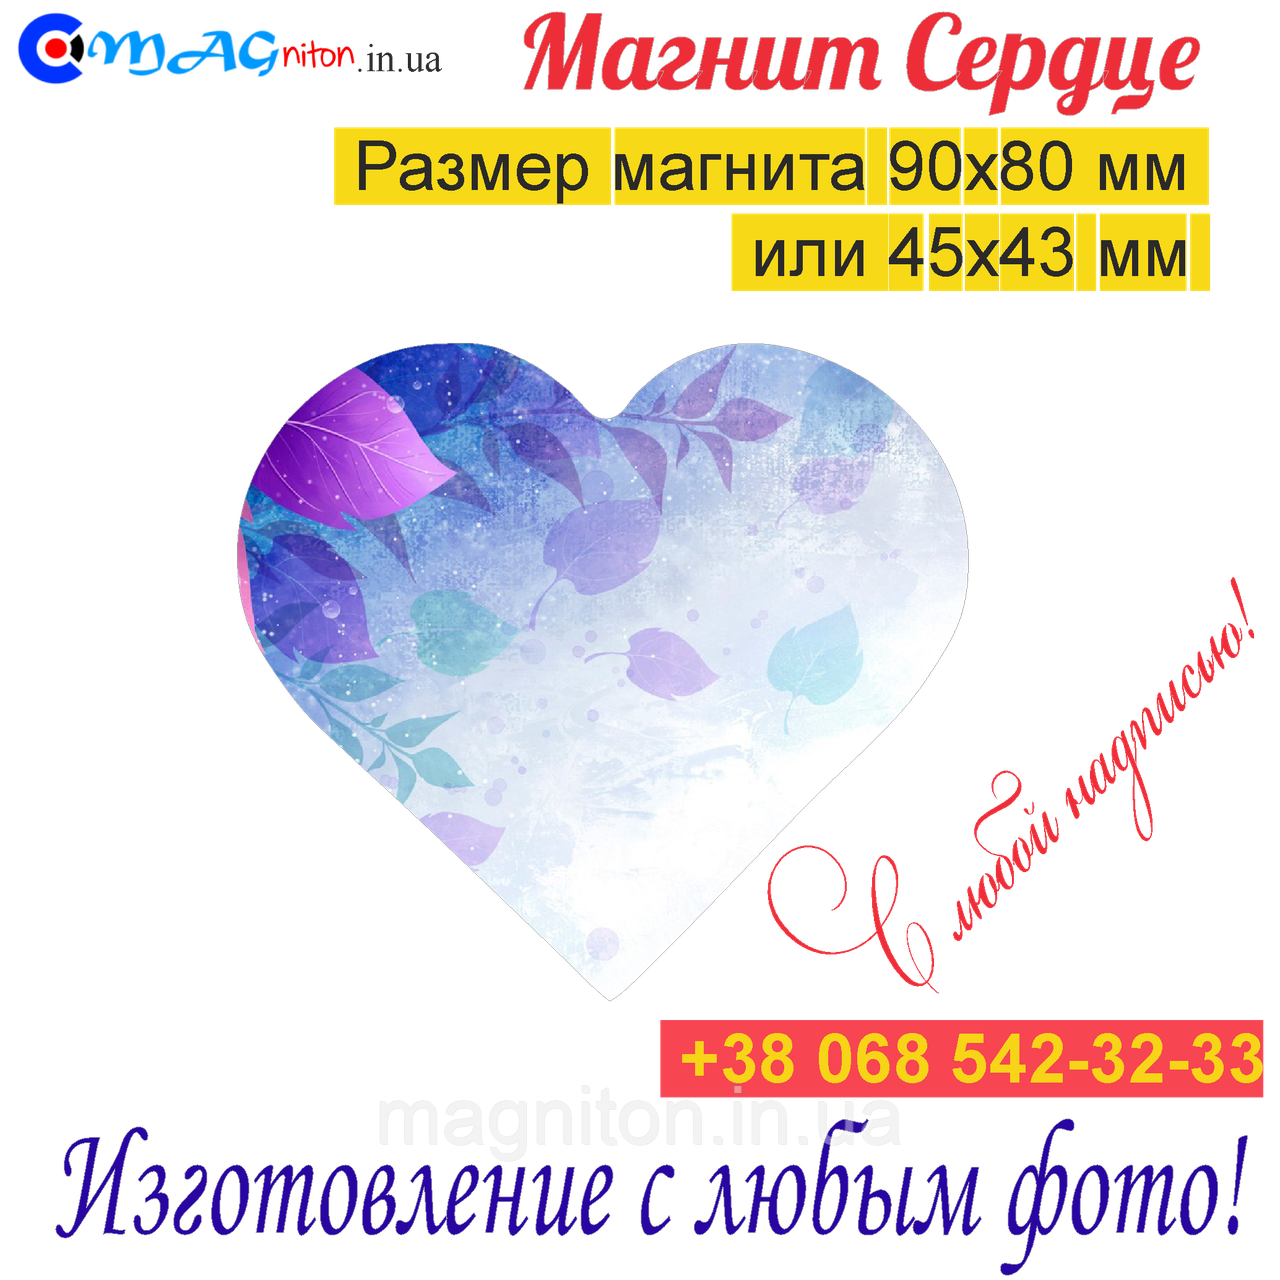 Магнит Сердце на холодильник 017